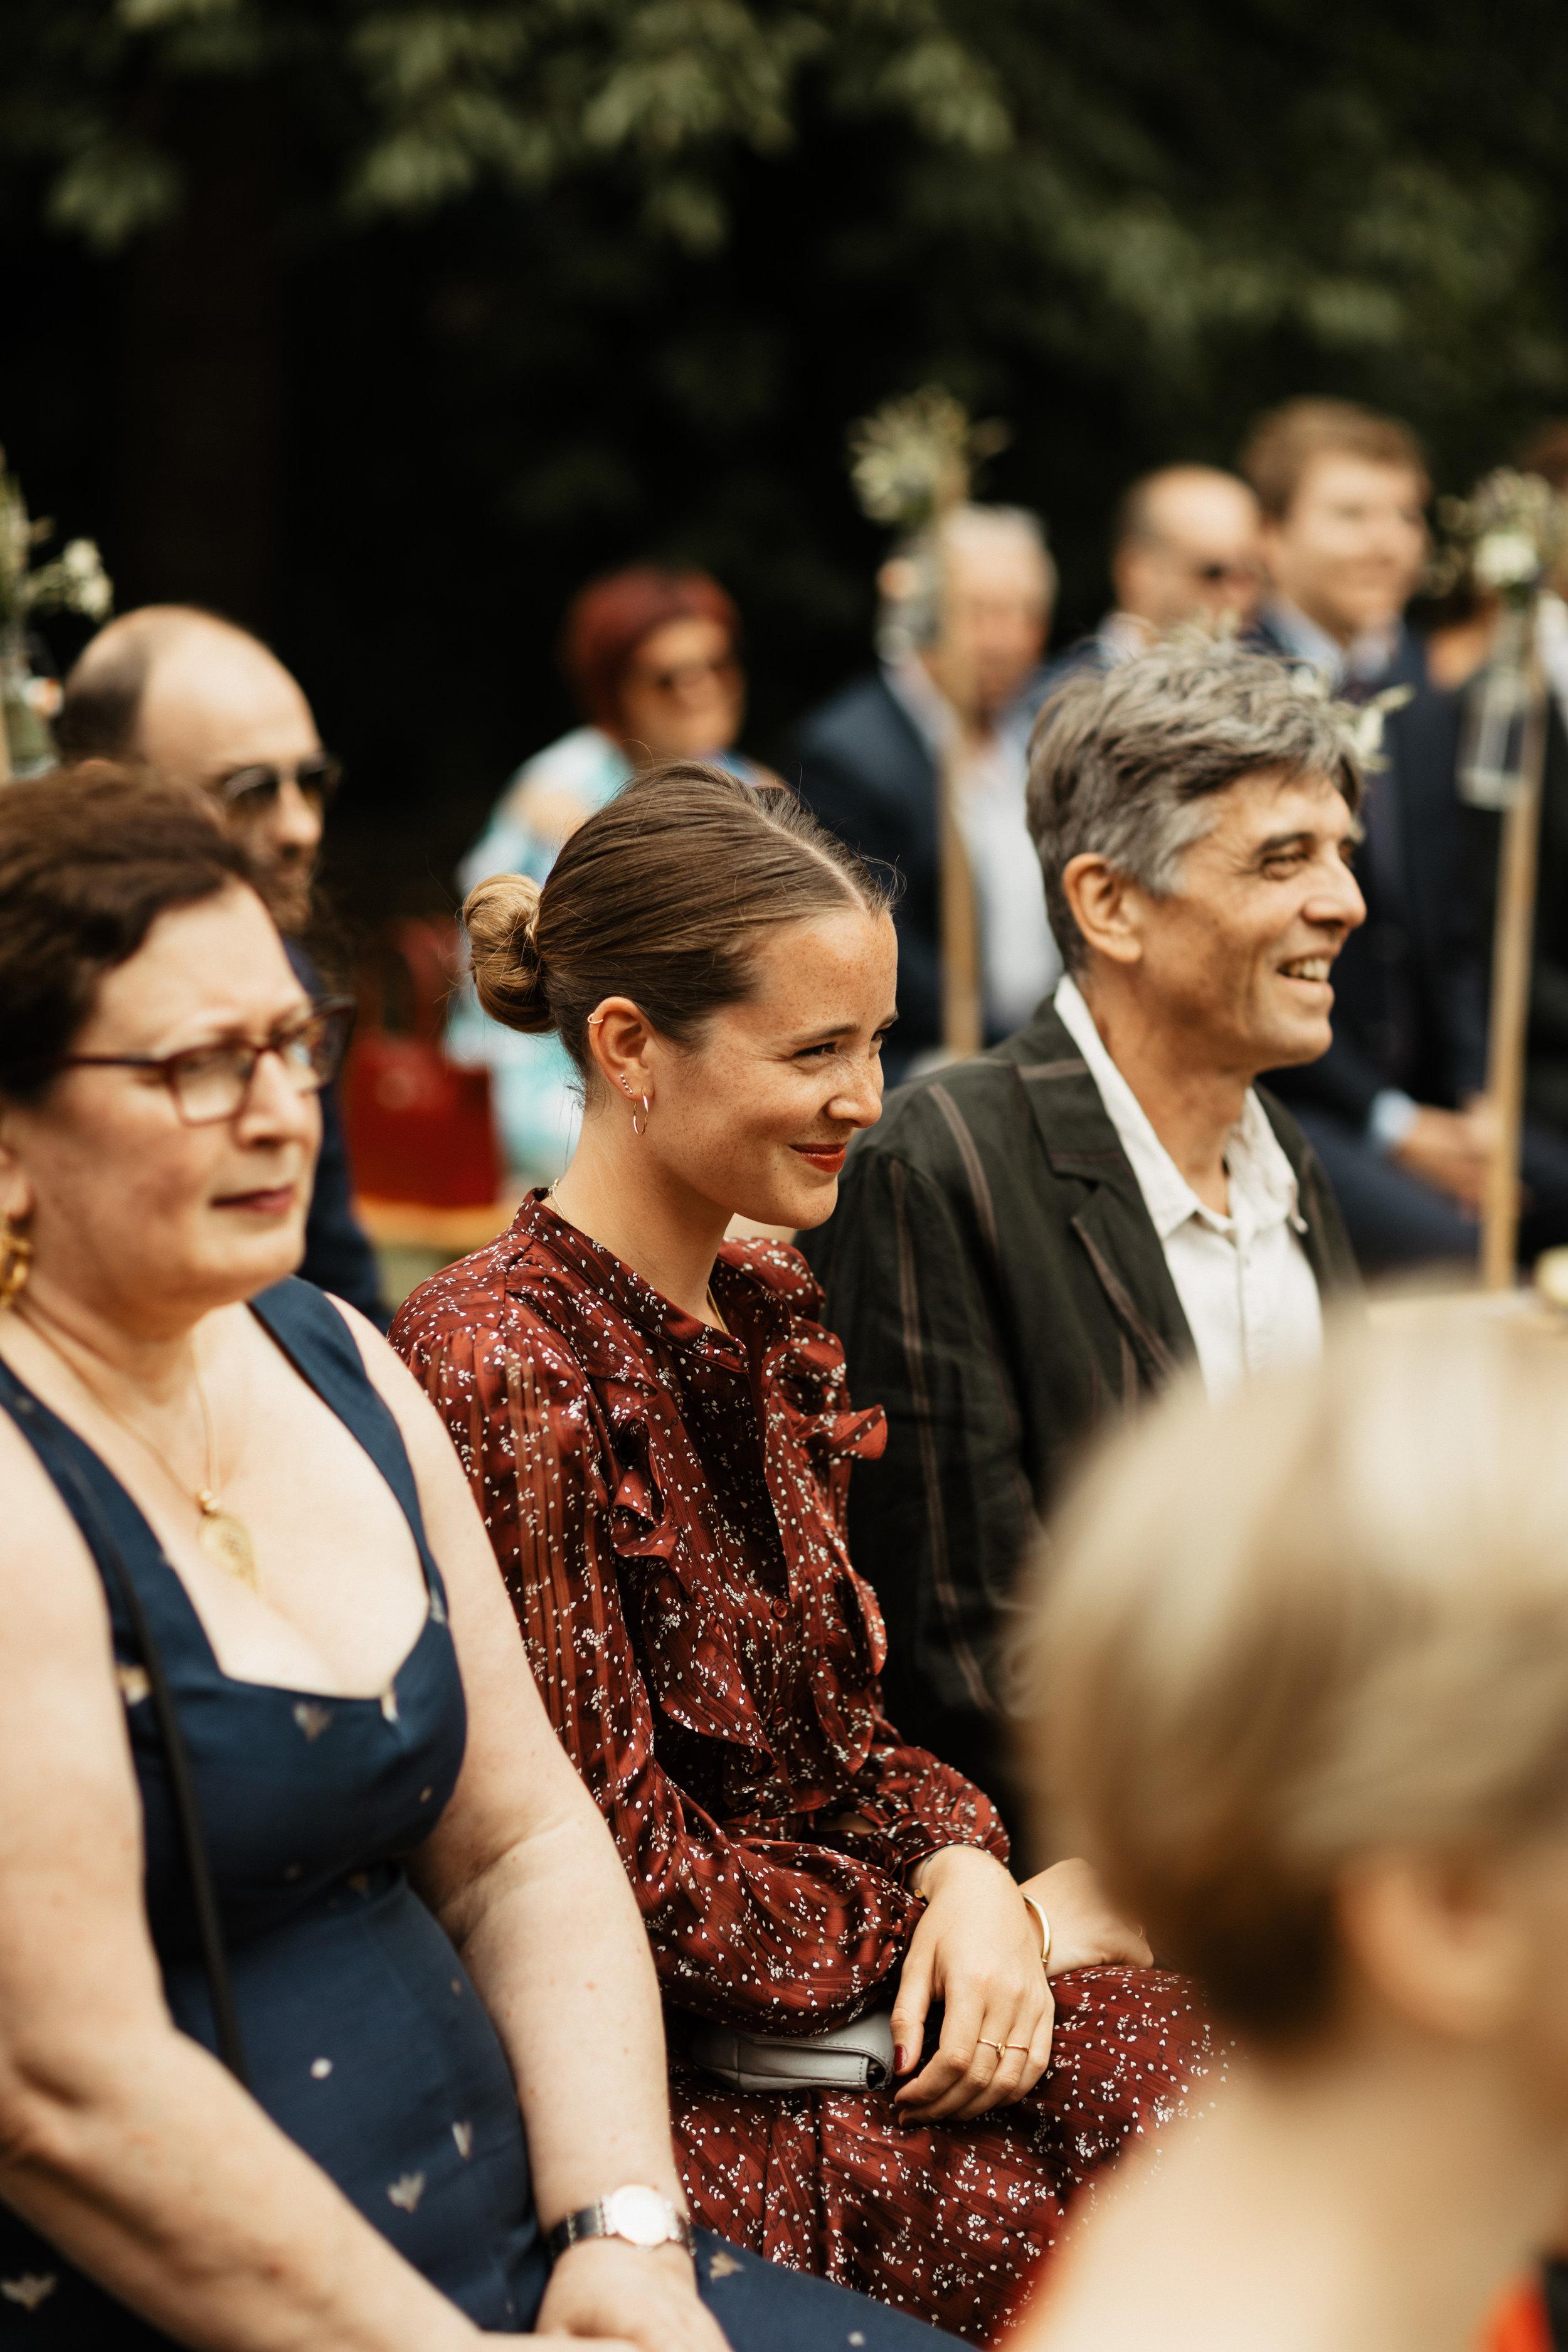 20180818_Lara&Wim_MathiasHannes_271.jpg